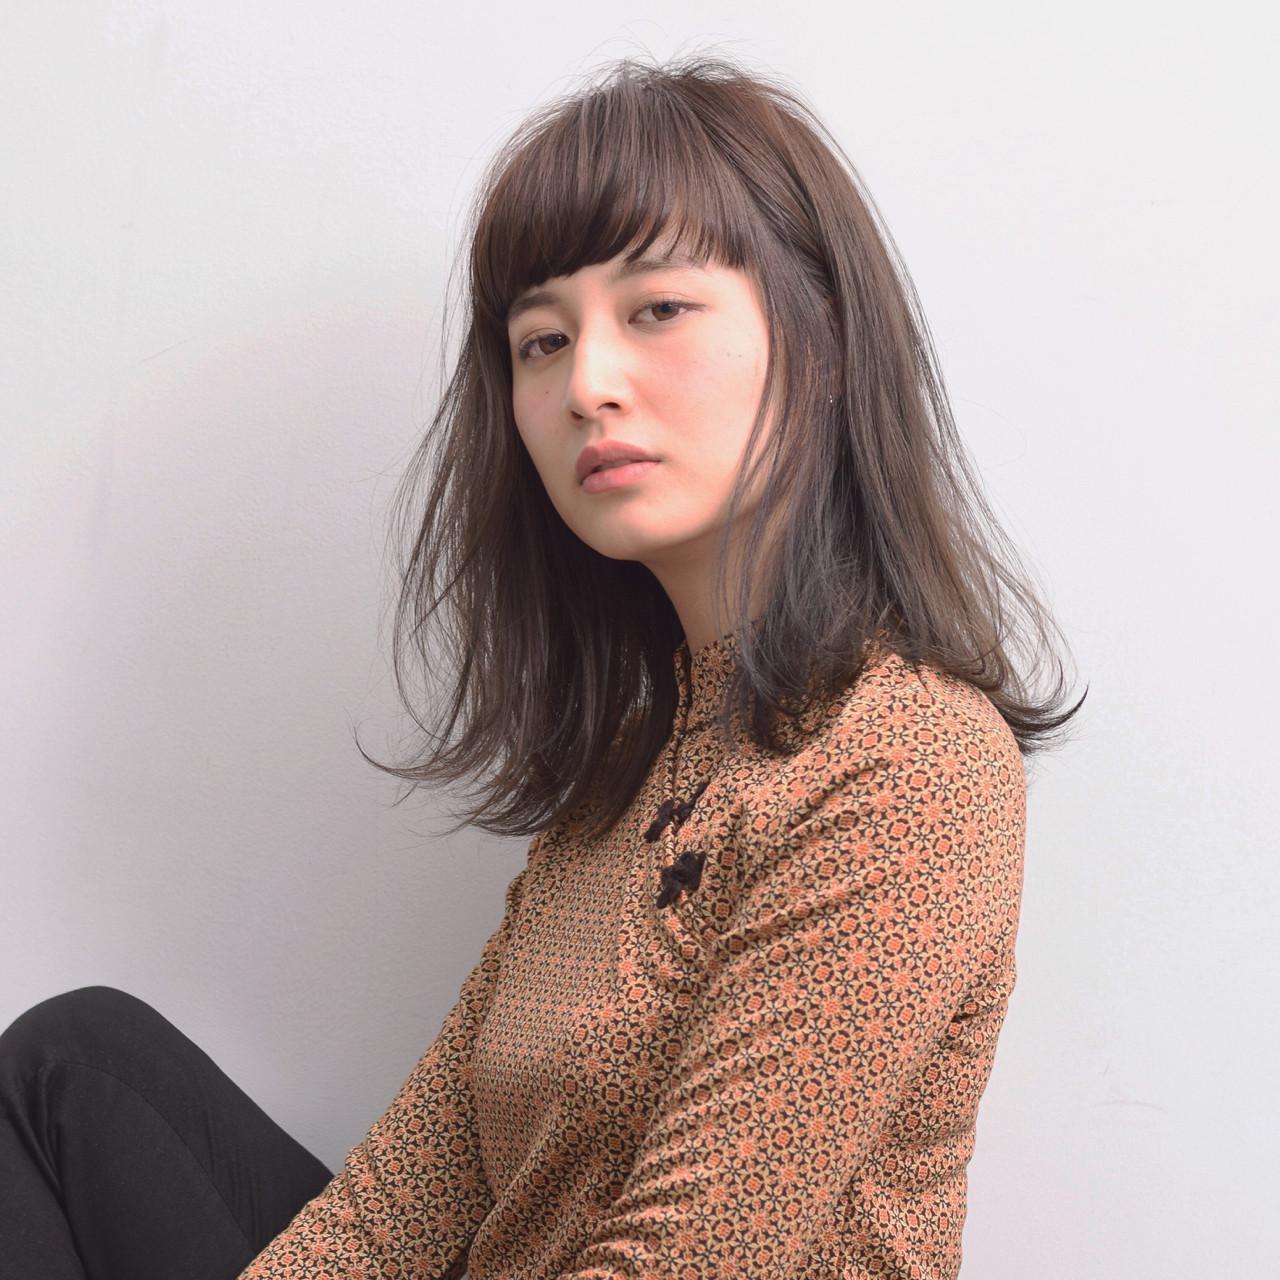 リラックス ショートバング オン眉 ナチュラル ヘアスタイルや髪型の写真・画像